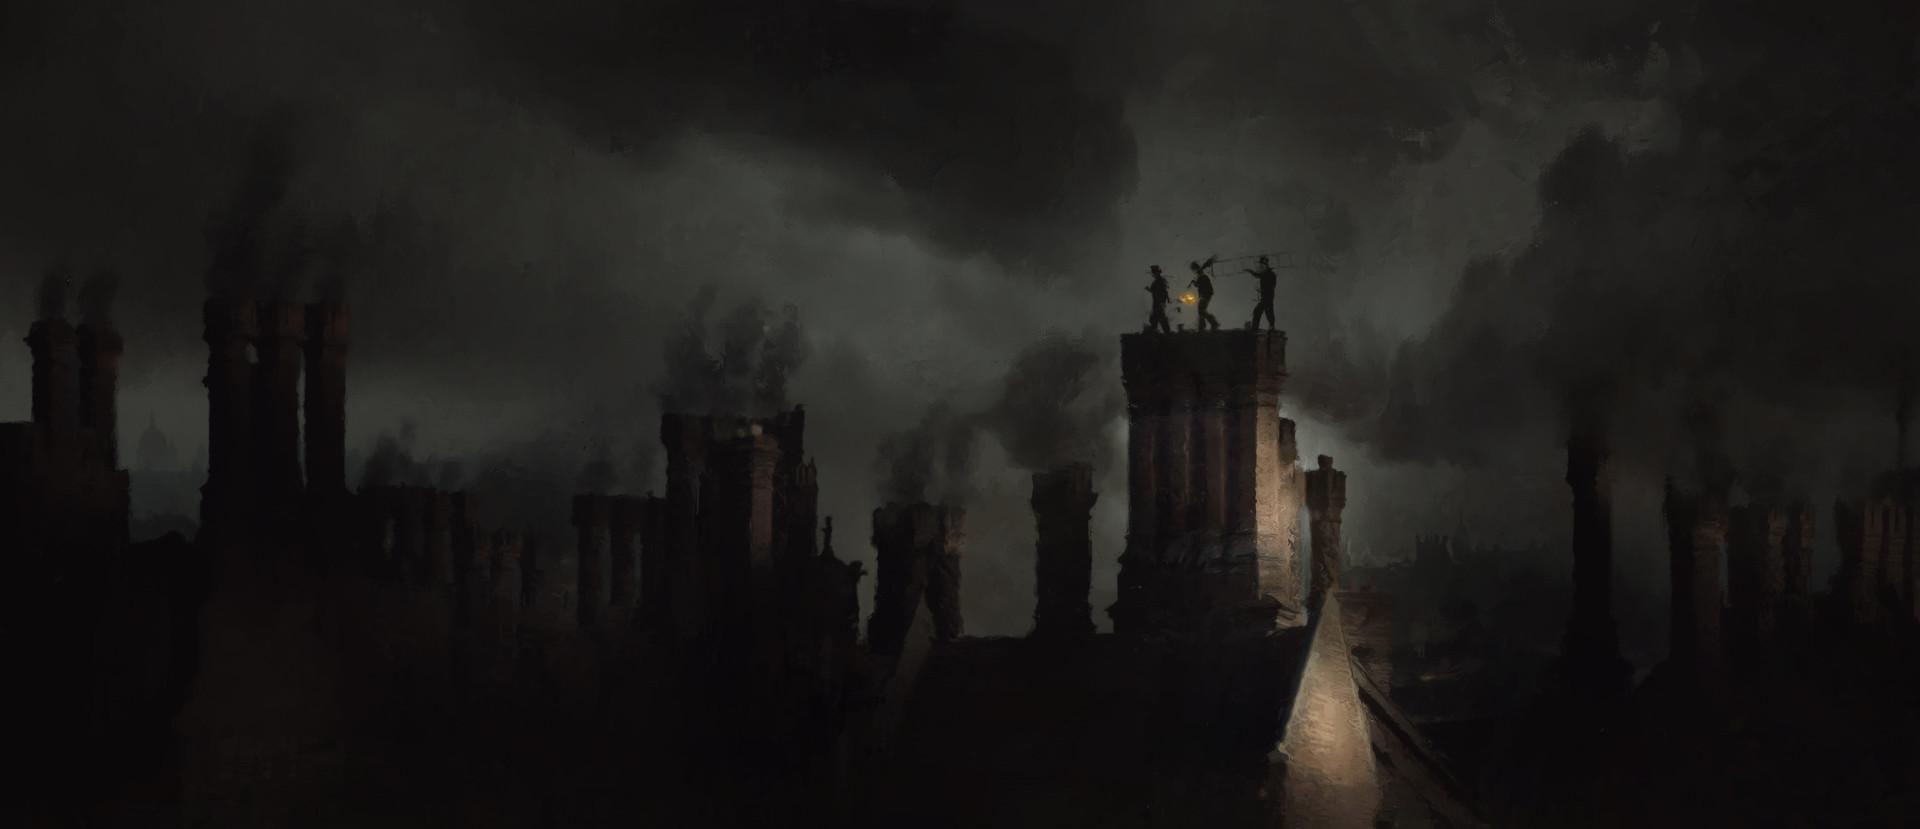 Glenn porter chimneysweeps